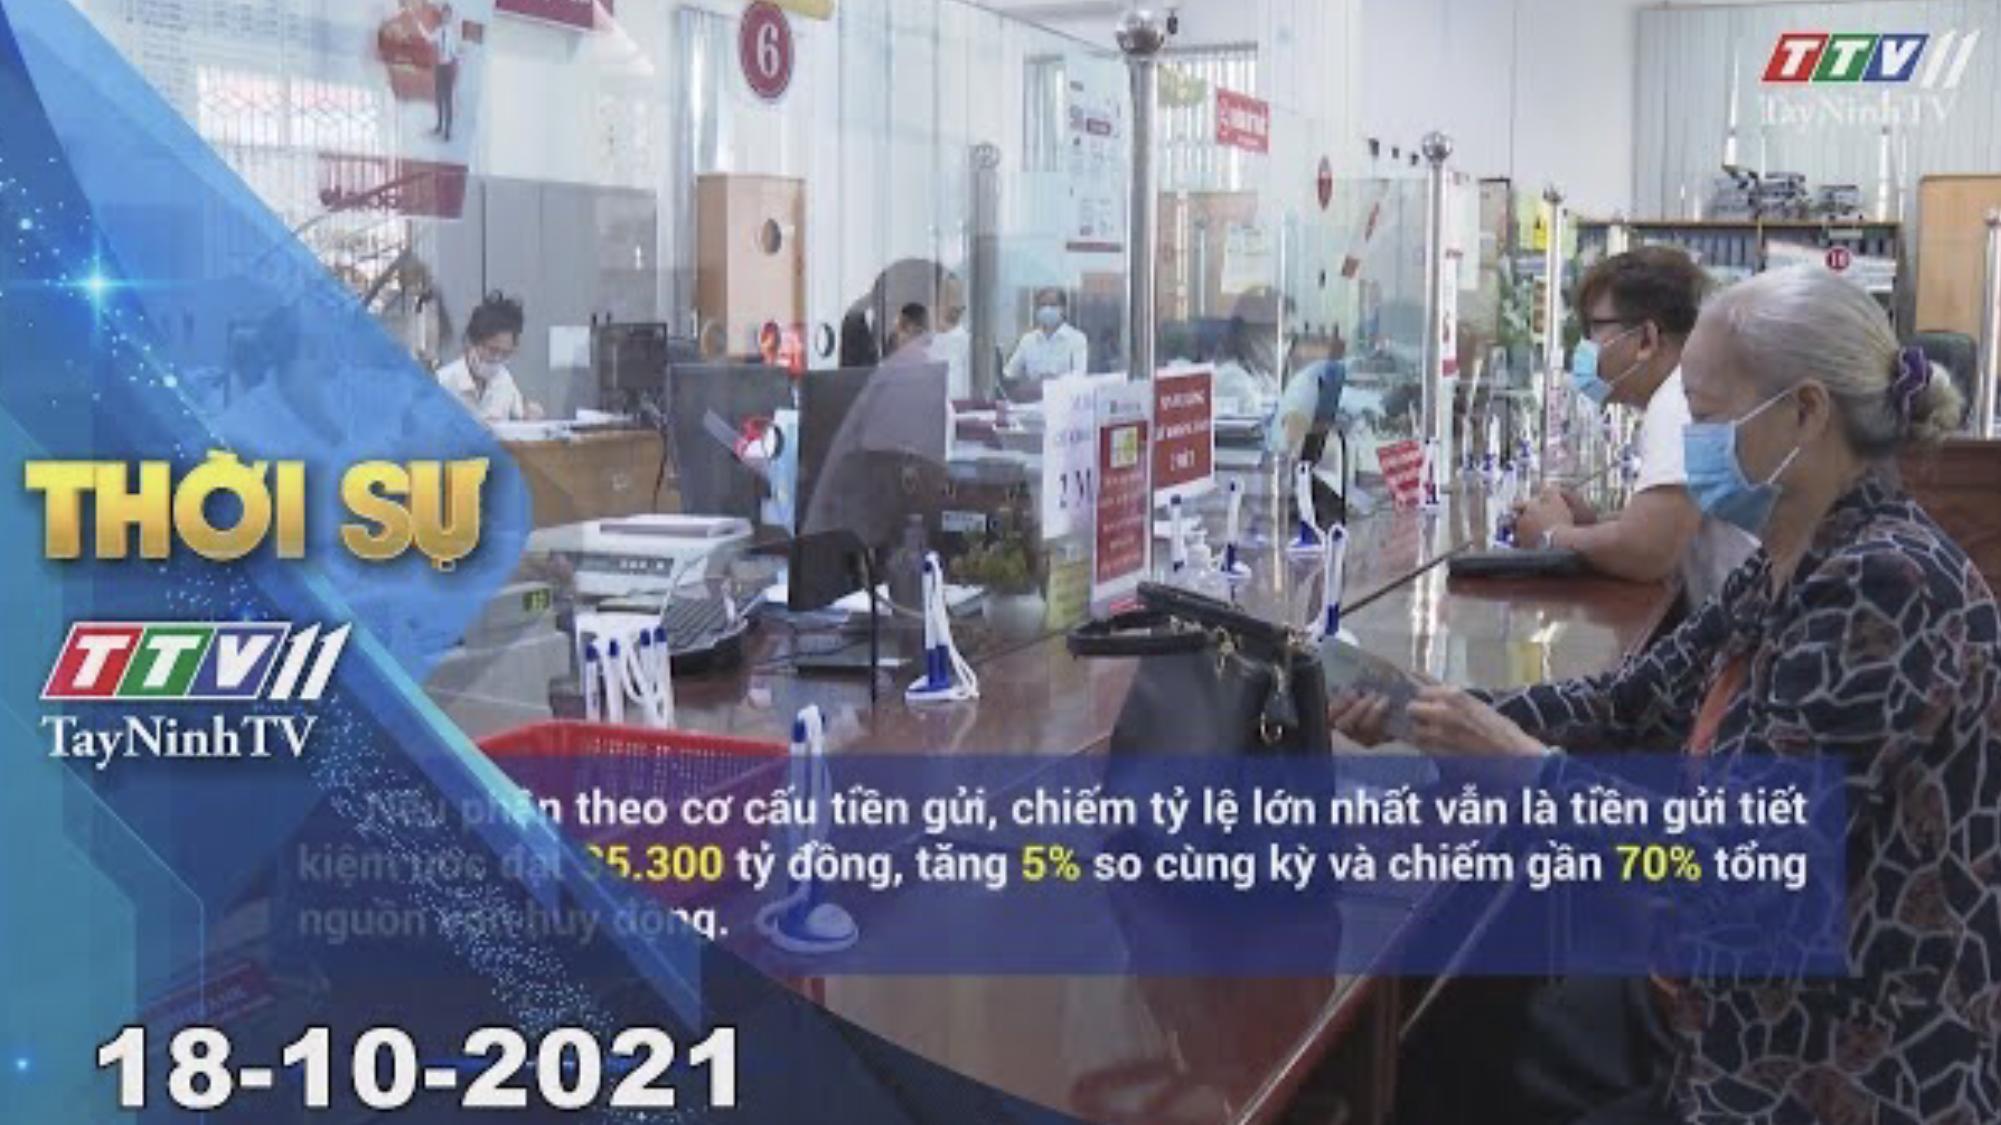 THỜI SỰ TÂY NINH 18/10/2021 | Tin tức hôm nay | TayNinhTV